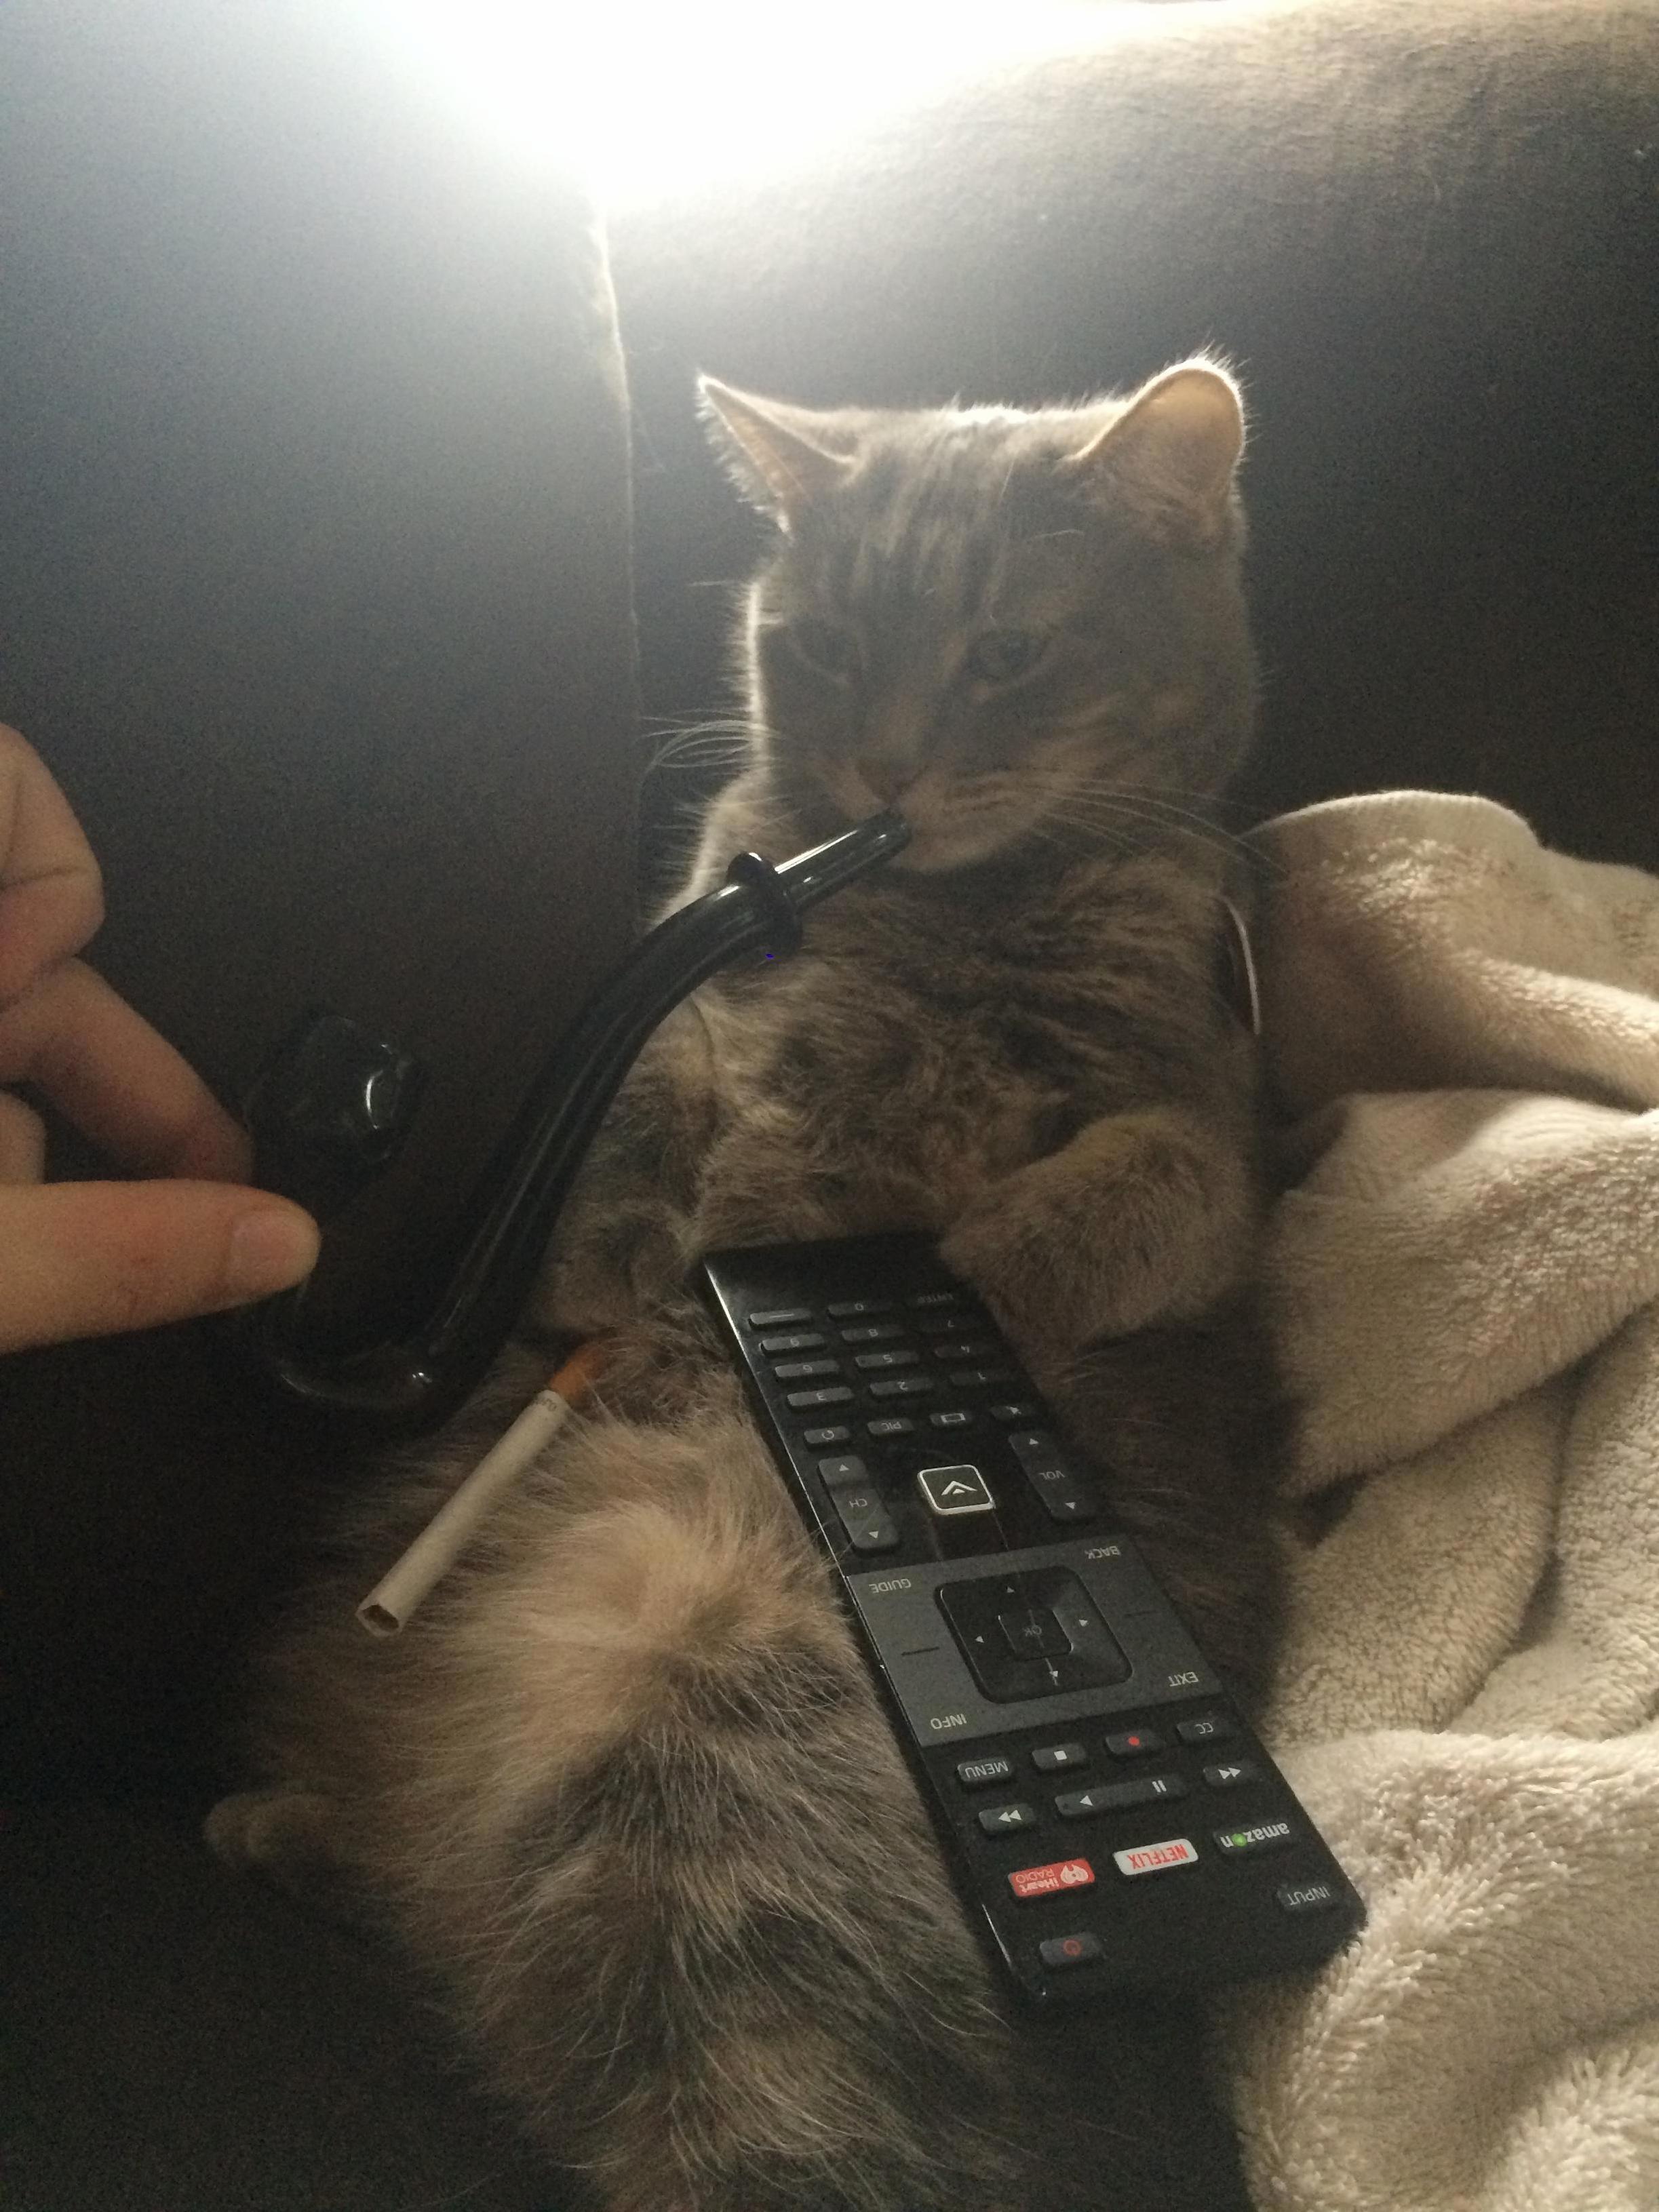 My best friend is babysitting my cat…